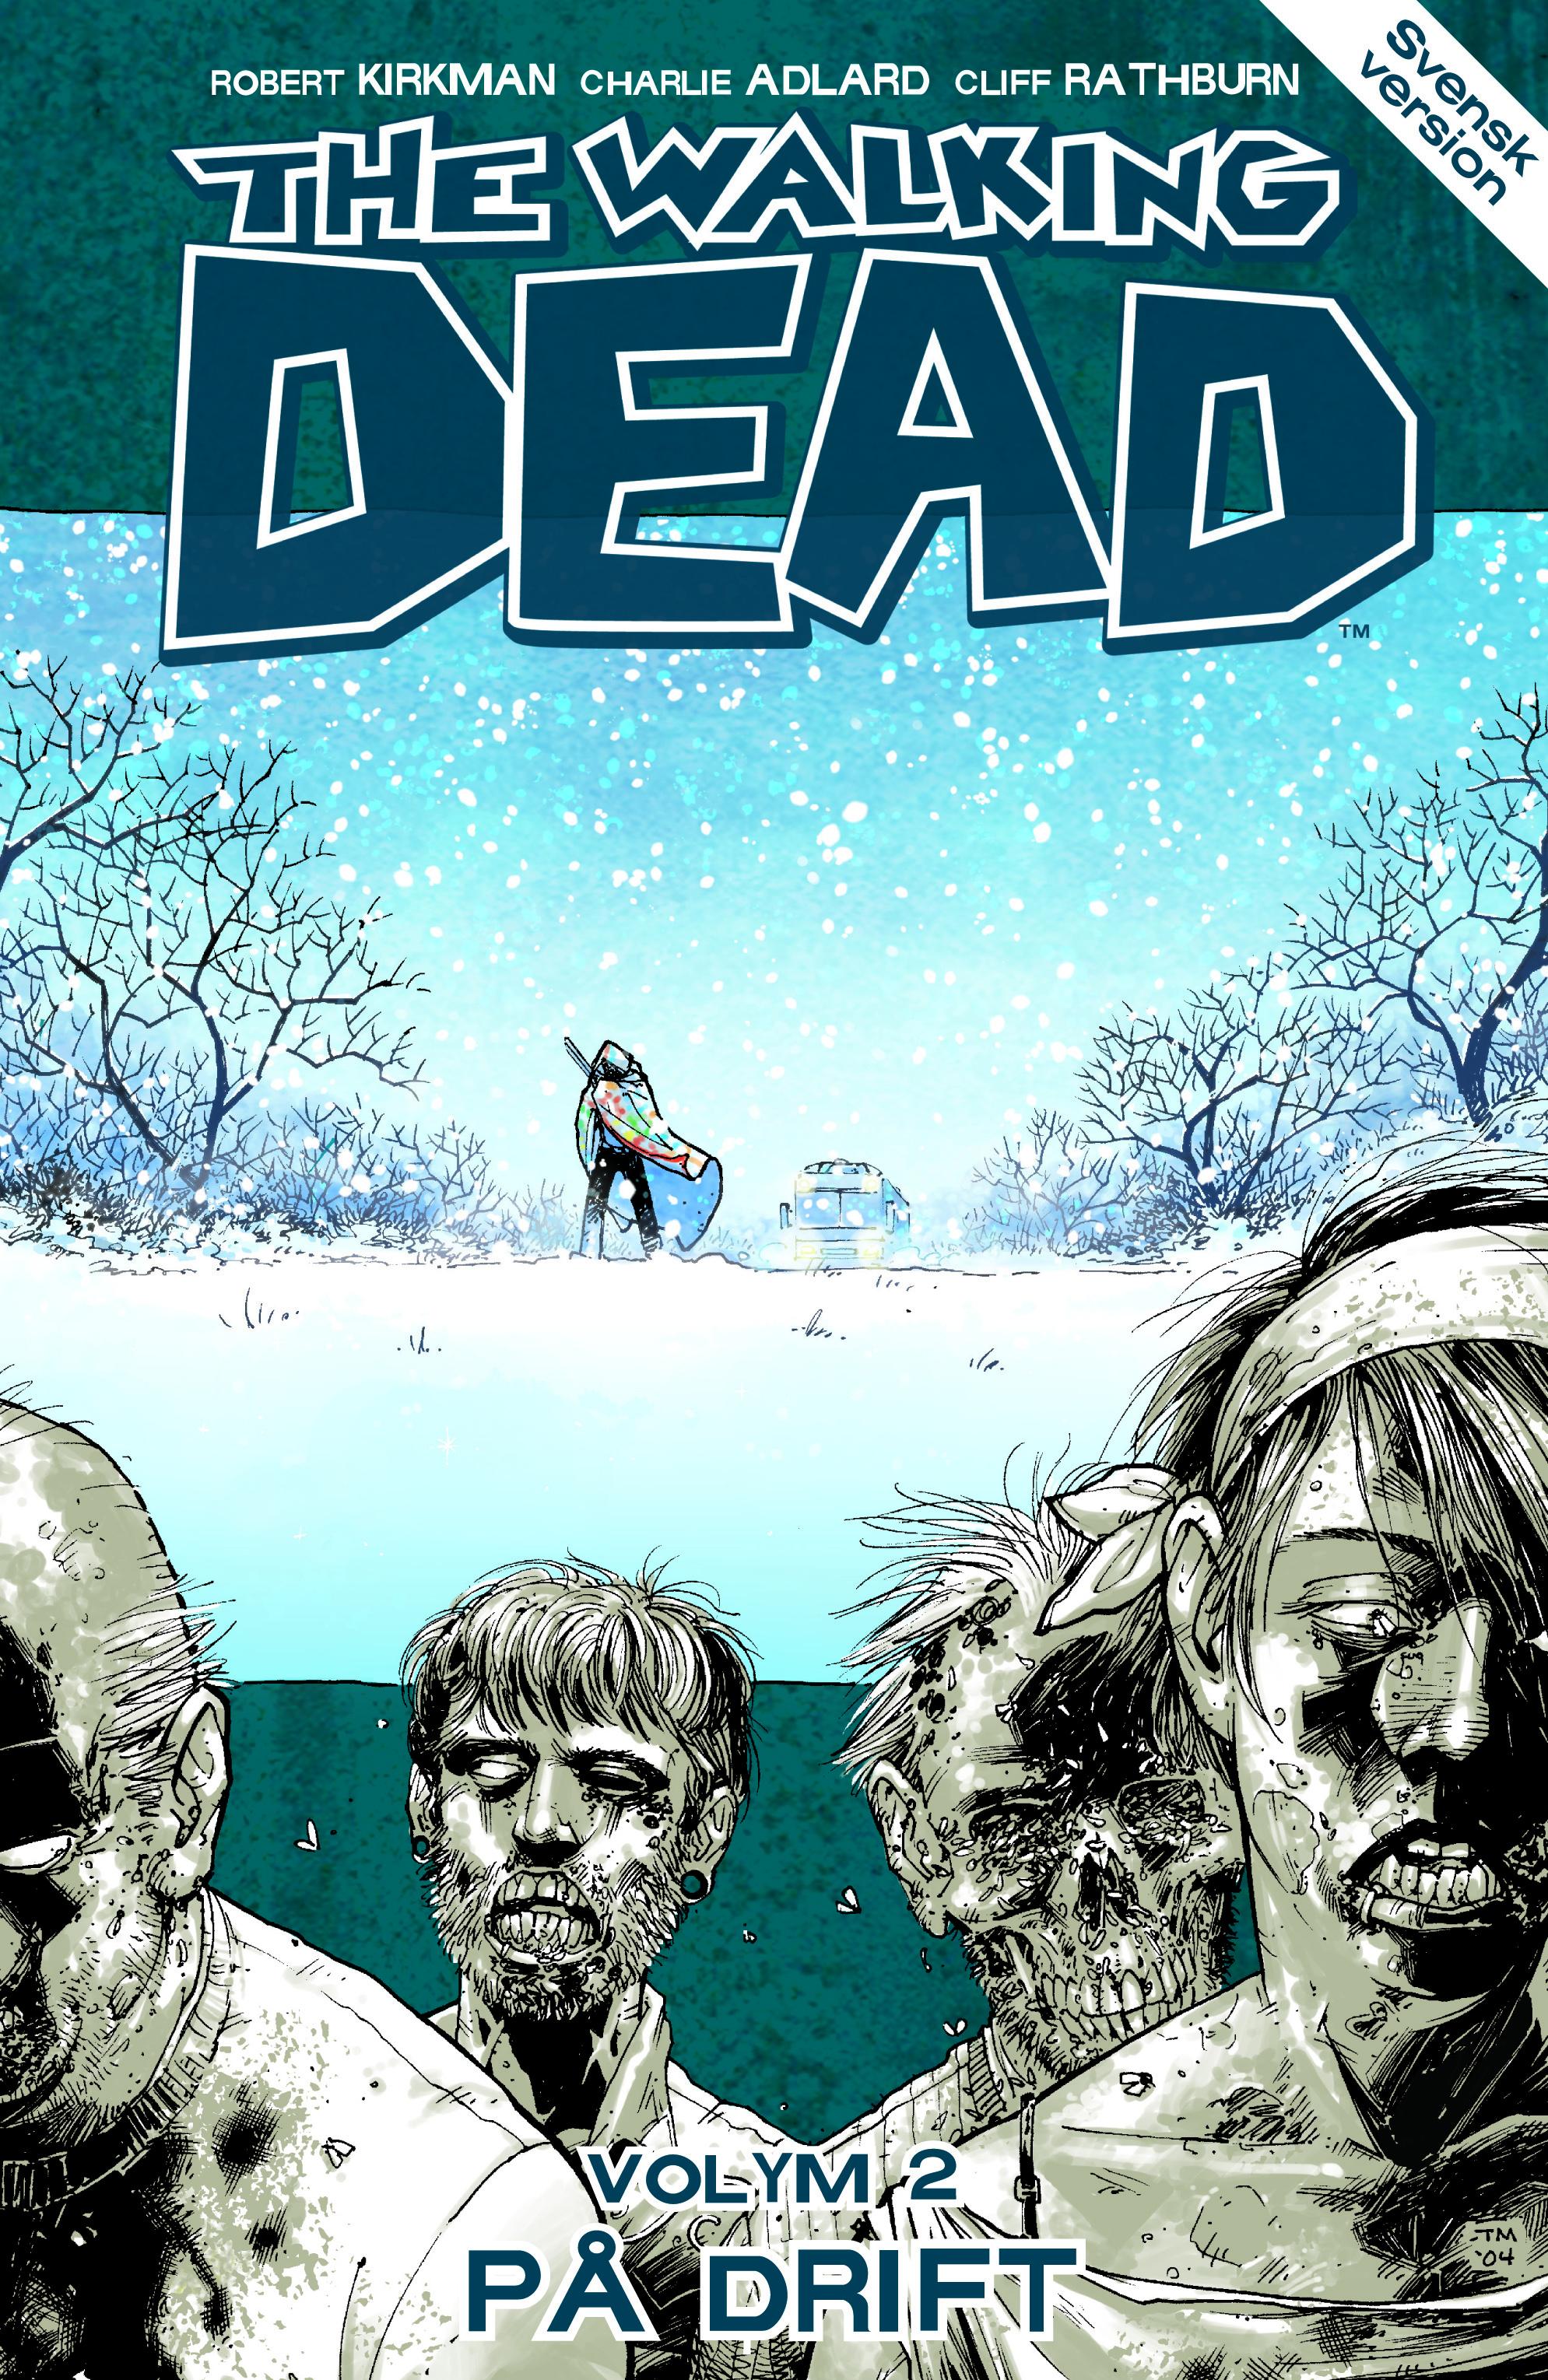 The Walking Dead volym 2. På drift av Robert Kirkman